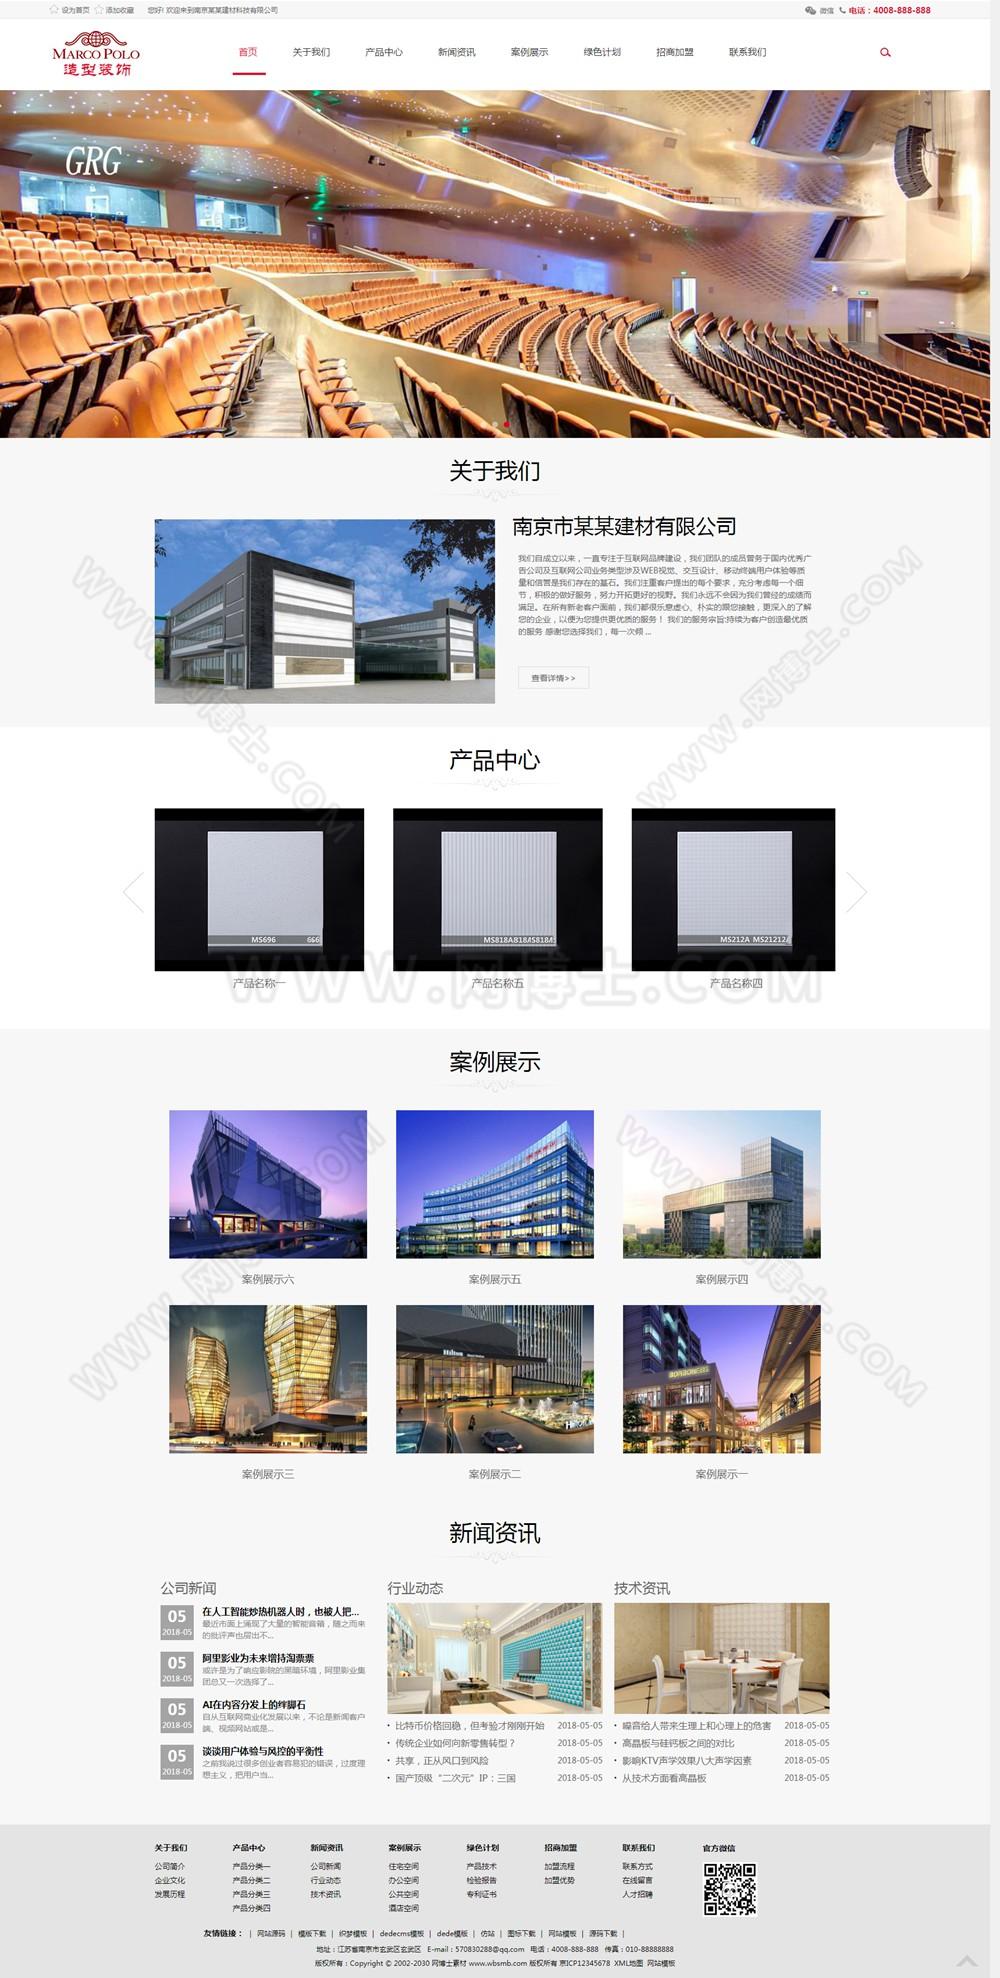 (自适应手机版)响应式建筑装饰建材网站织梦模板 HTML5装修装潢网站源码下载